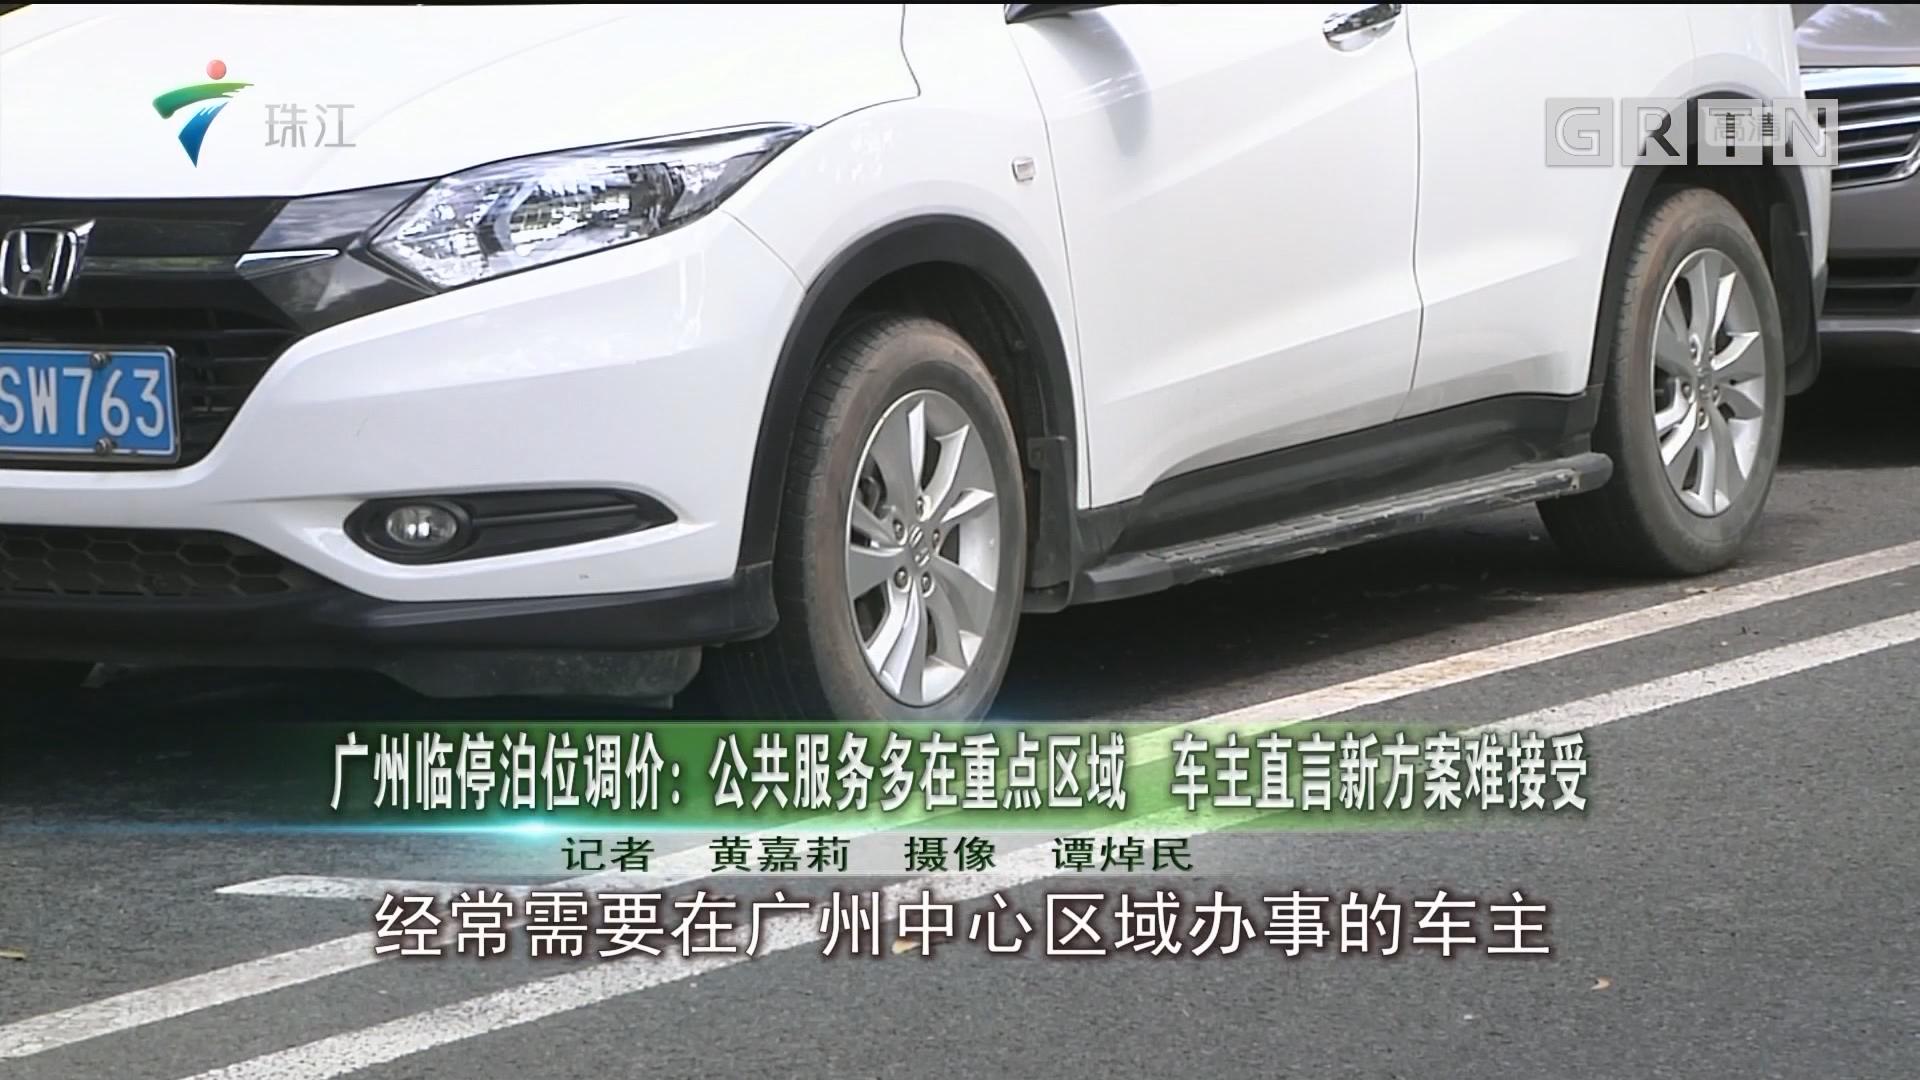 广州临停泊位调价:公共服务多在重点区域 车主直言新方案难接受